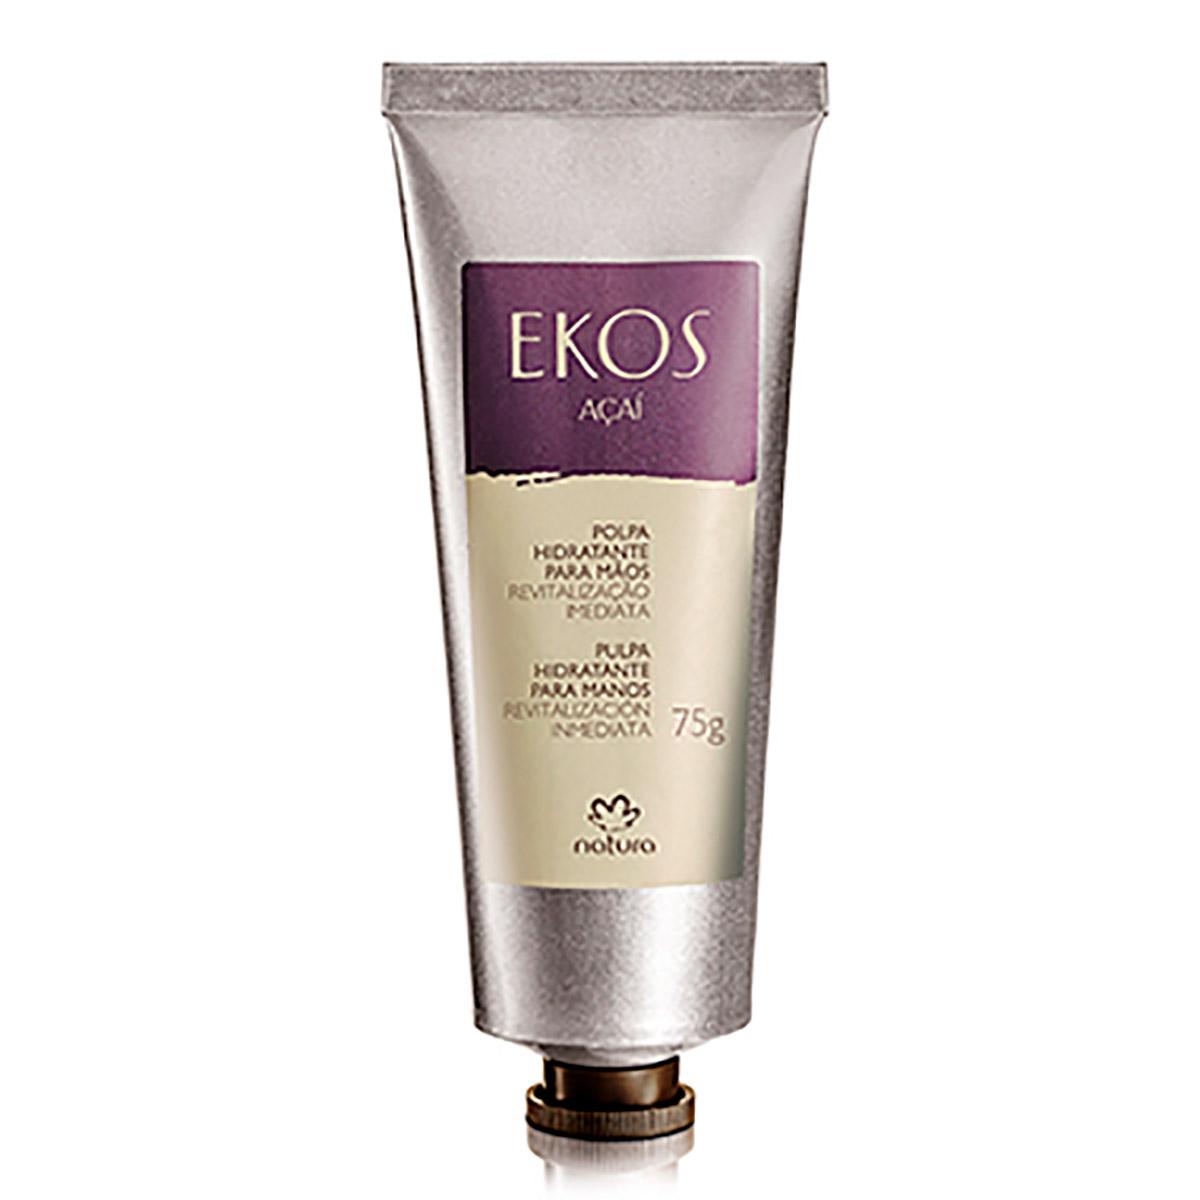 Polpa Hidratante para Mãos Açaí Ekos - 75g - 62525